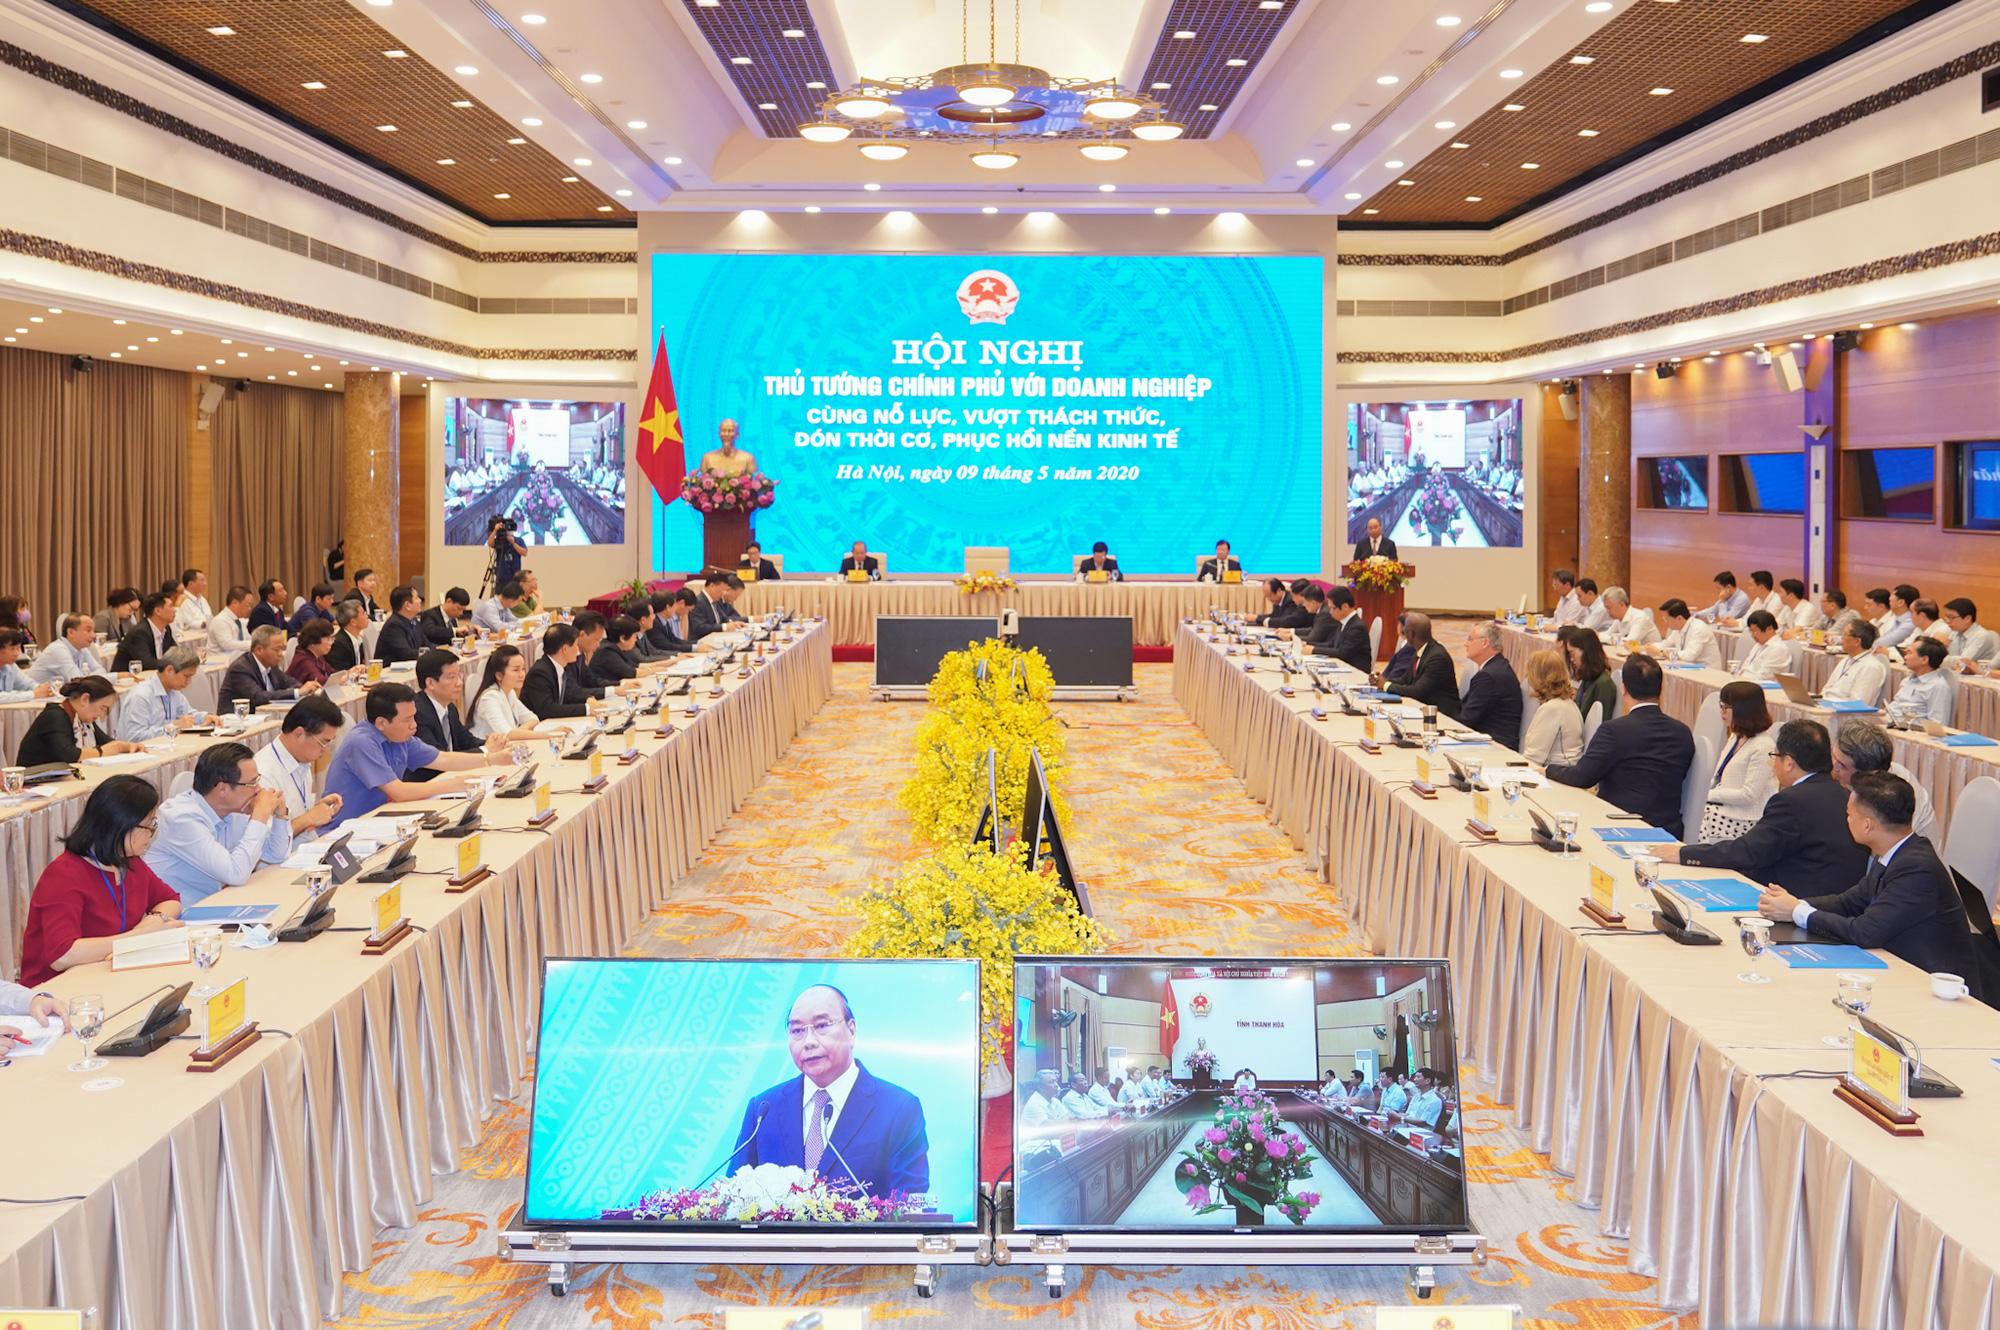 Dành 4.000 tỷ hỗ trợ khách hàng, Chủ tịch Vietinbank muốn sớm được phê duyệt tăng vốn - Ảnh 1.